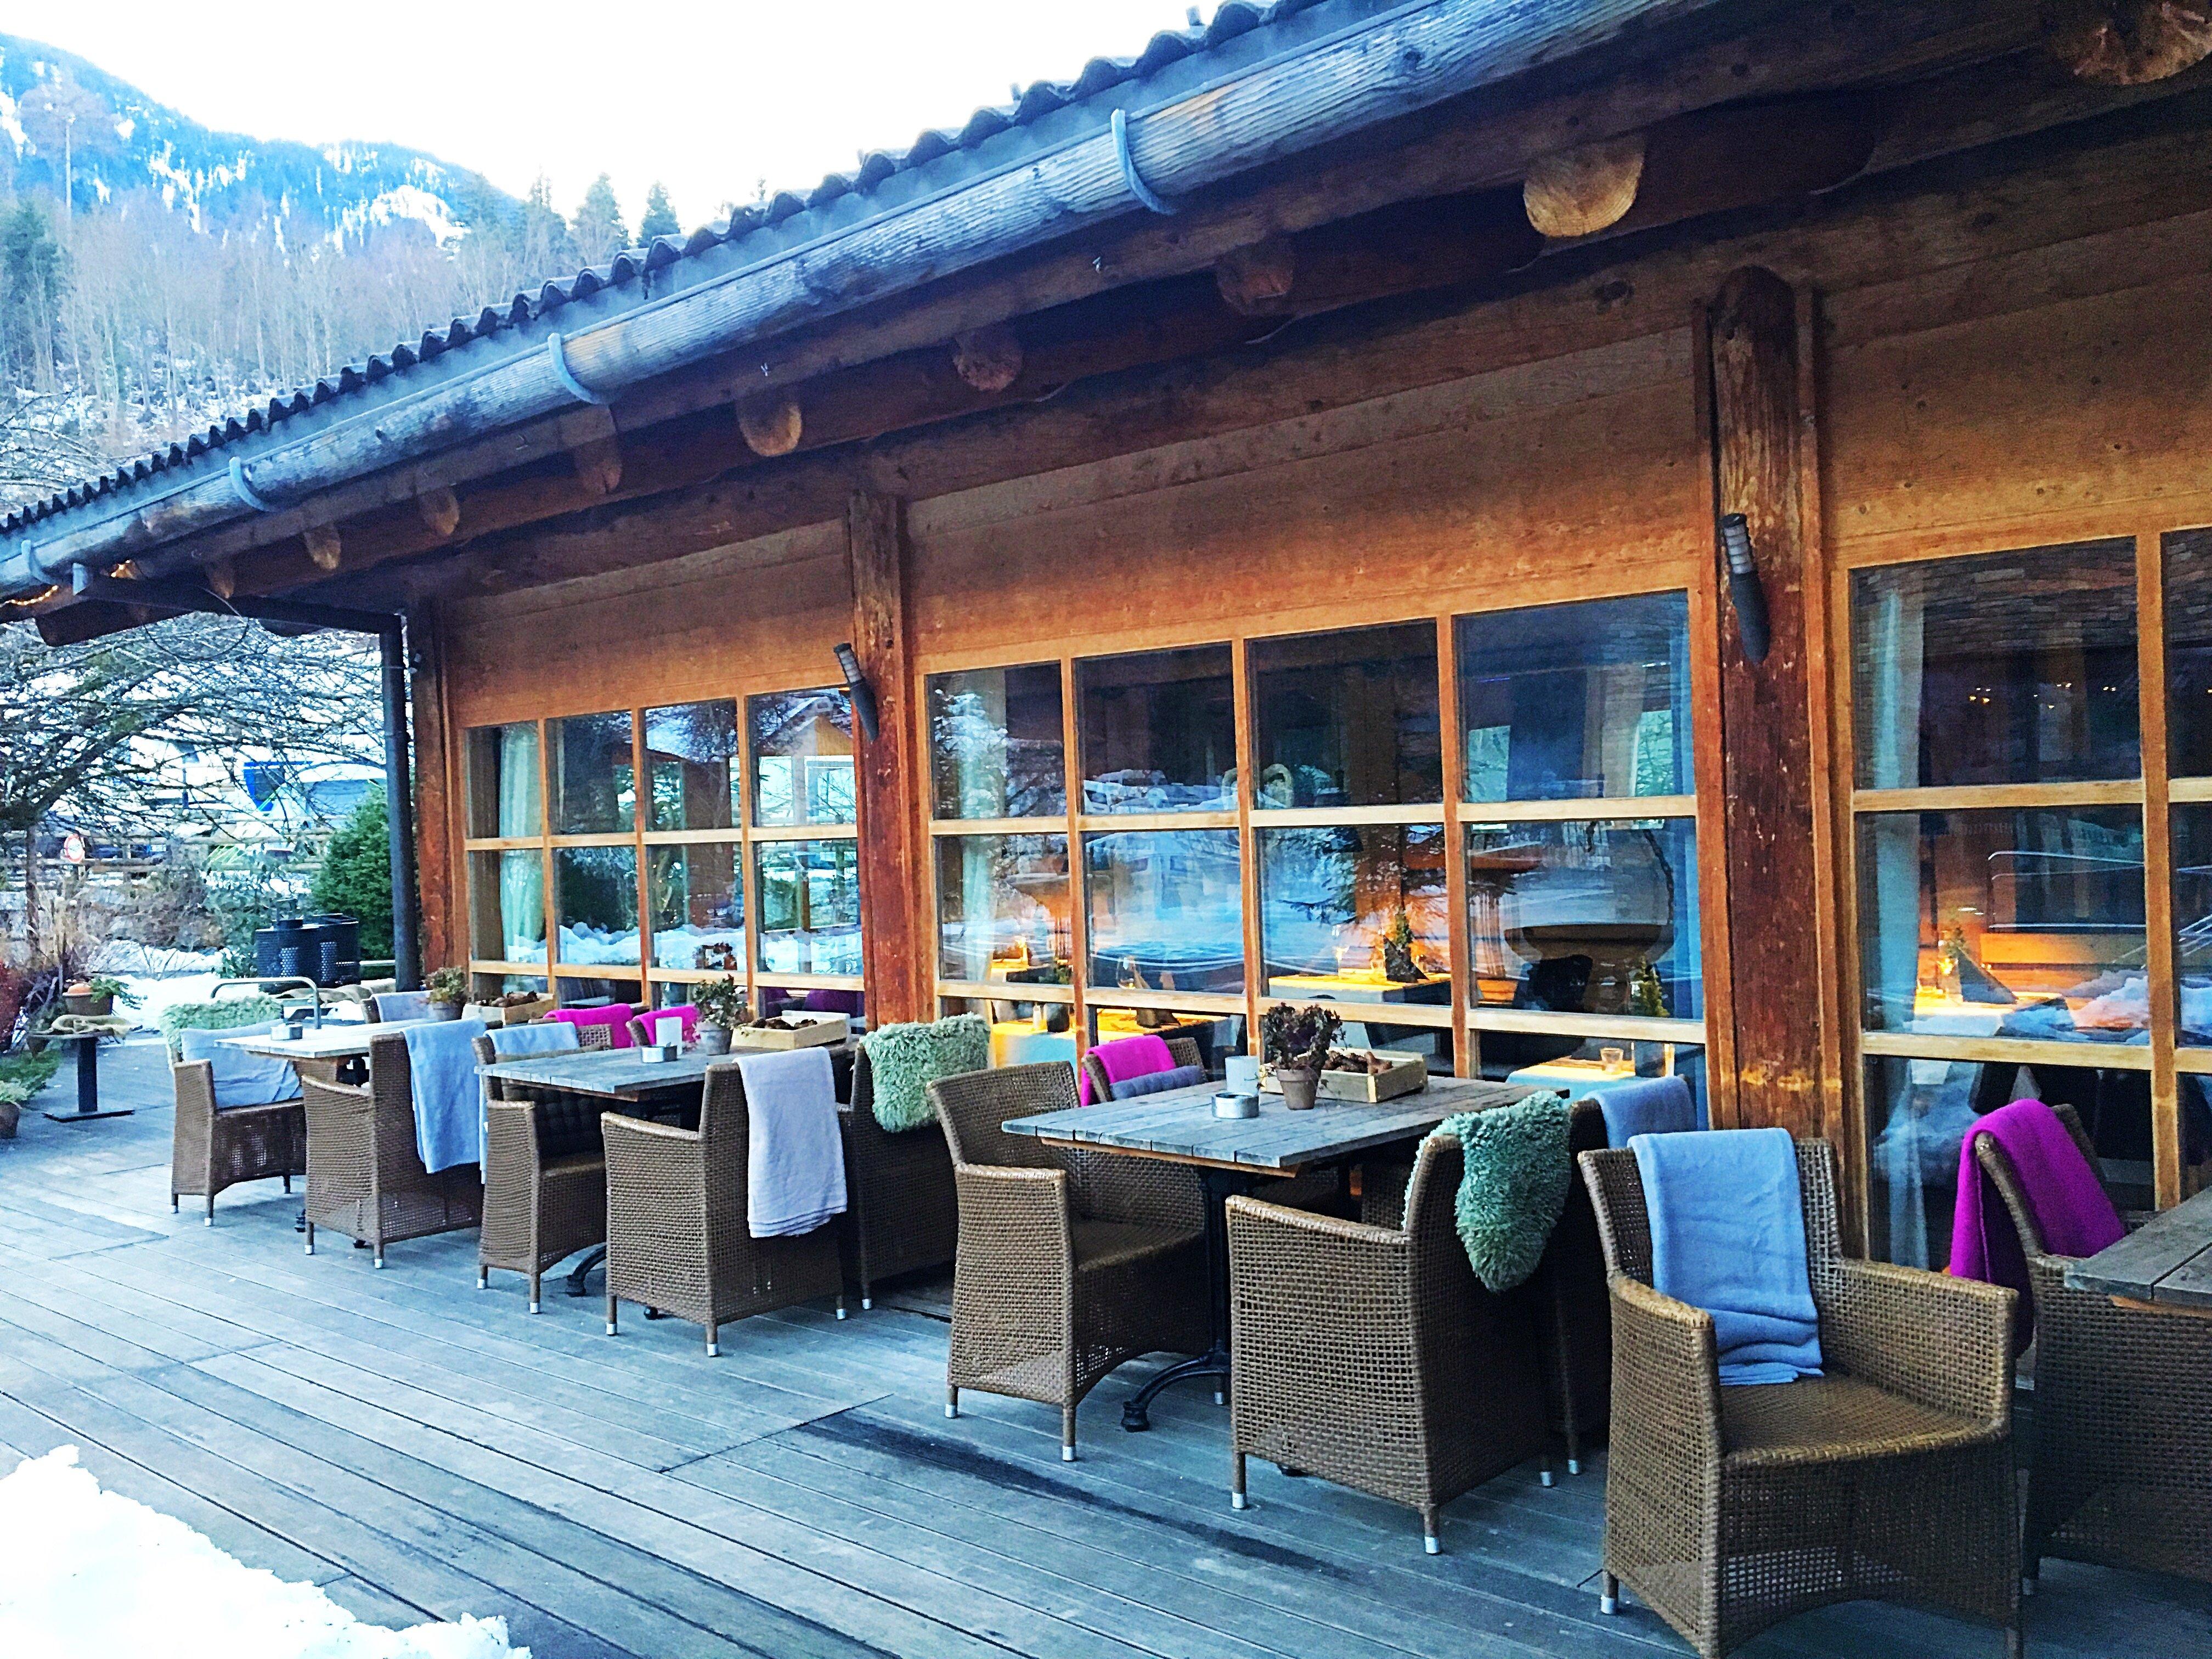 Foto 25.12.17 16 32 19 - Alpencamping Nenzing – Ein Campingplatz der Luxusklasse